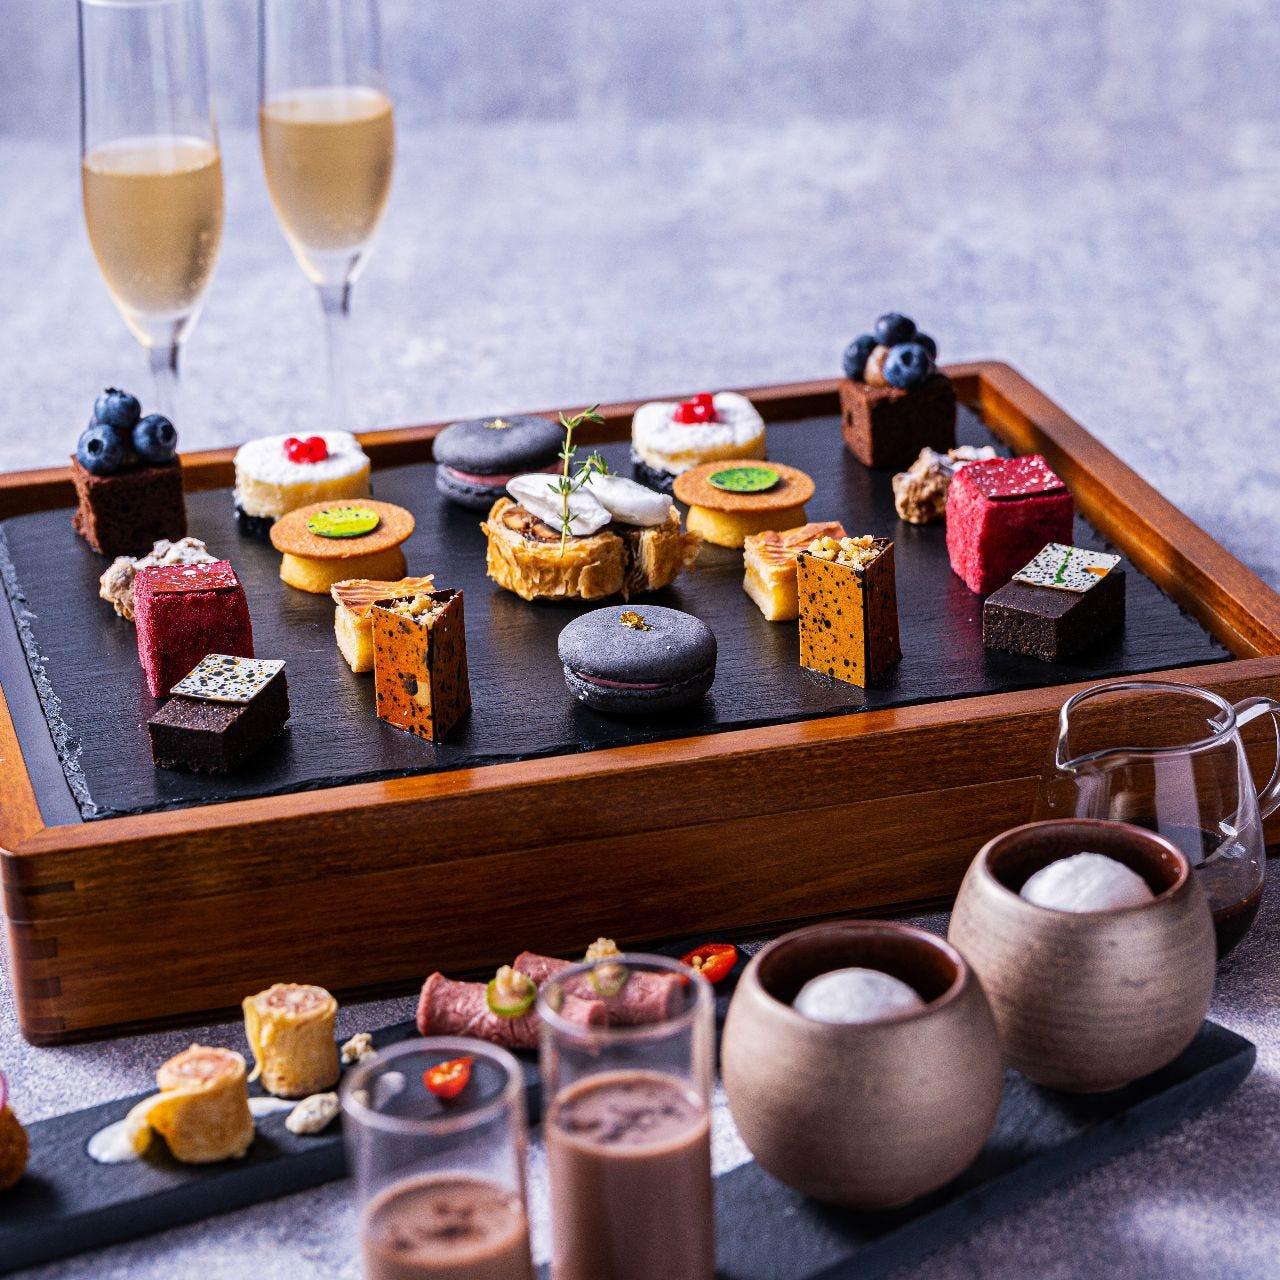 【アフターヌーンティー&乾杯ドリンク】厳選した季節フルーツのデザートやロンネフェルトの紅茶や日本茶等